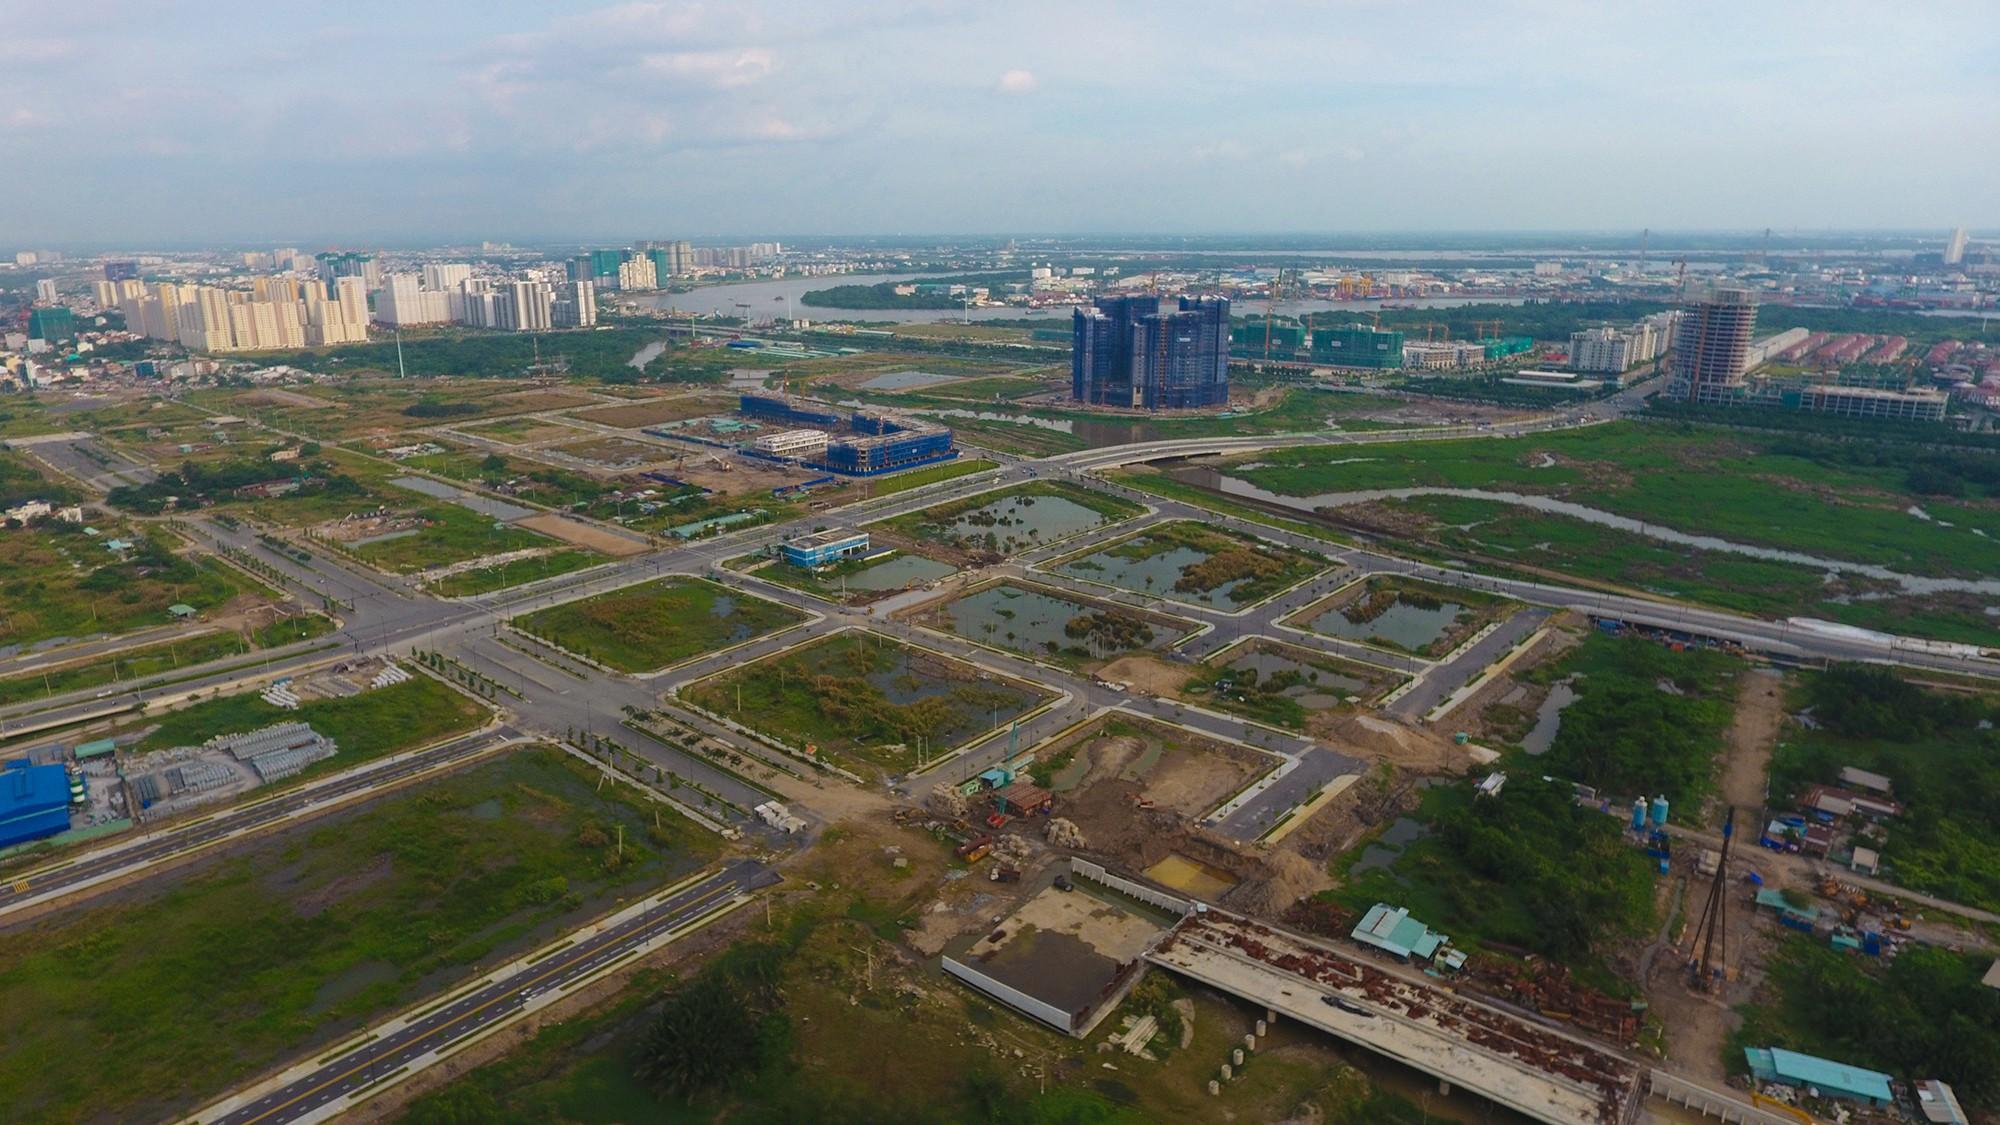 Diện mạo bán đảo Thủ Thiêm - khu đô thị đẹp nhất Sài Gòn nhìn từ trên cao - Ảnh 10.